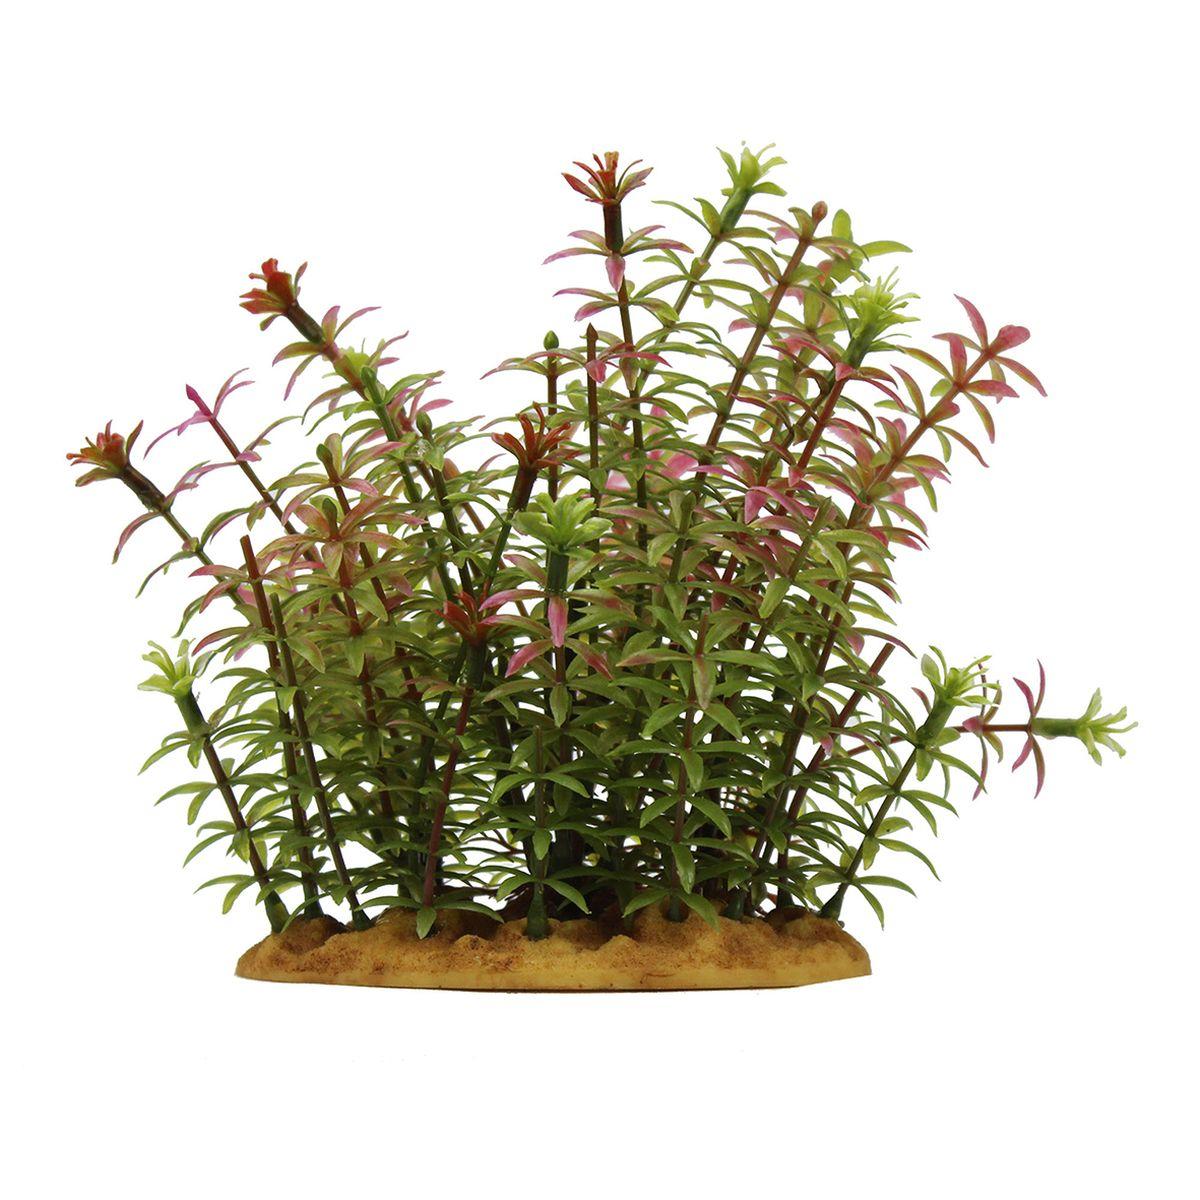 Растение для аквариума ArtUniq Ротала индийская, высота 15 смART-1160112Растение для аквариума ArtUniq Ротала индийская, высота 15 см